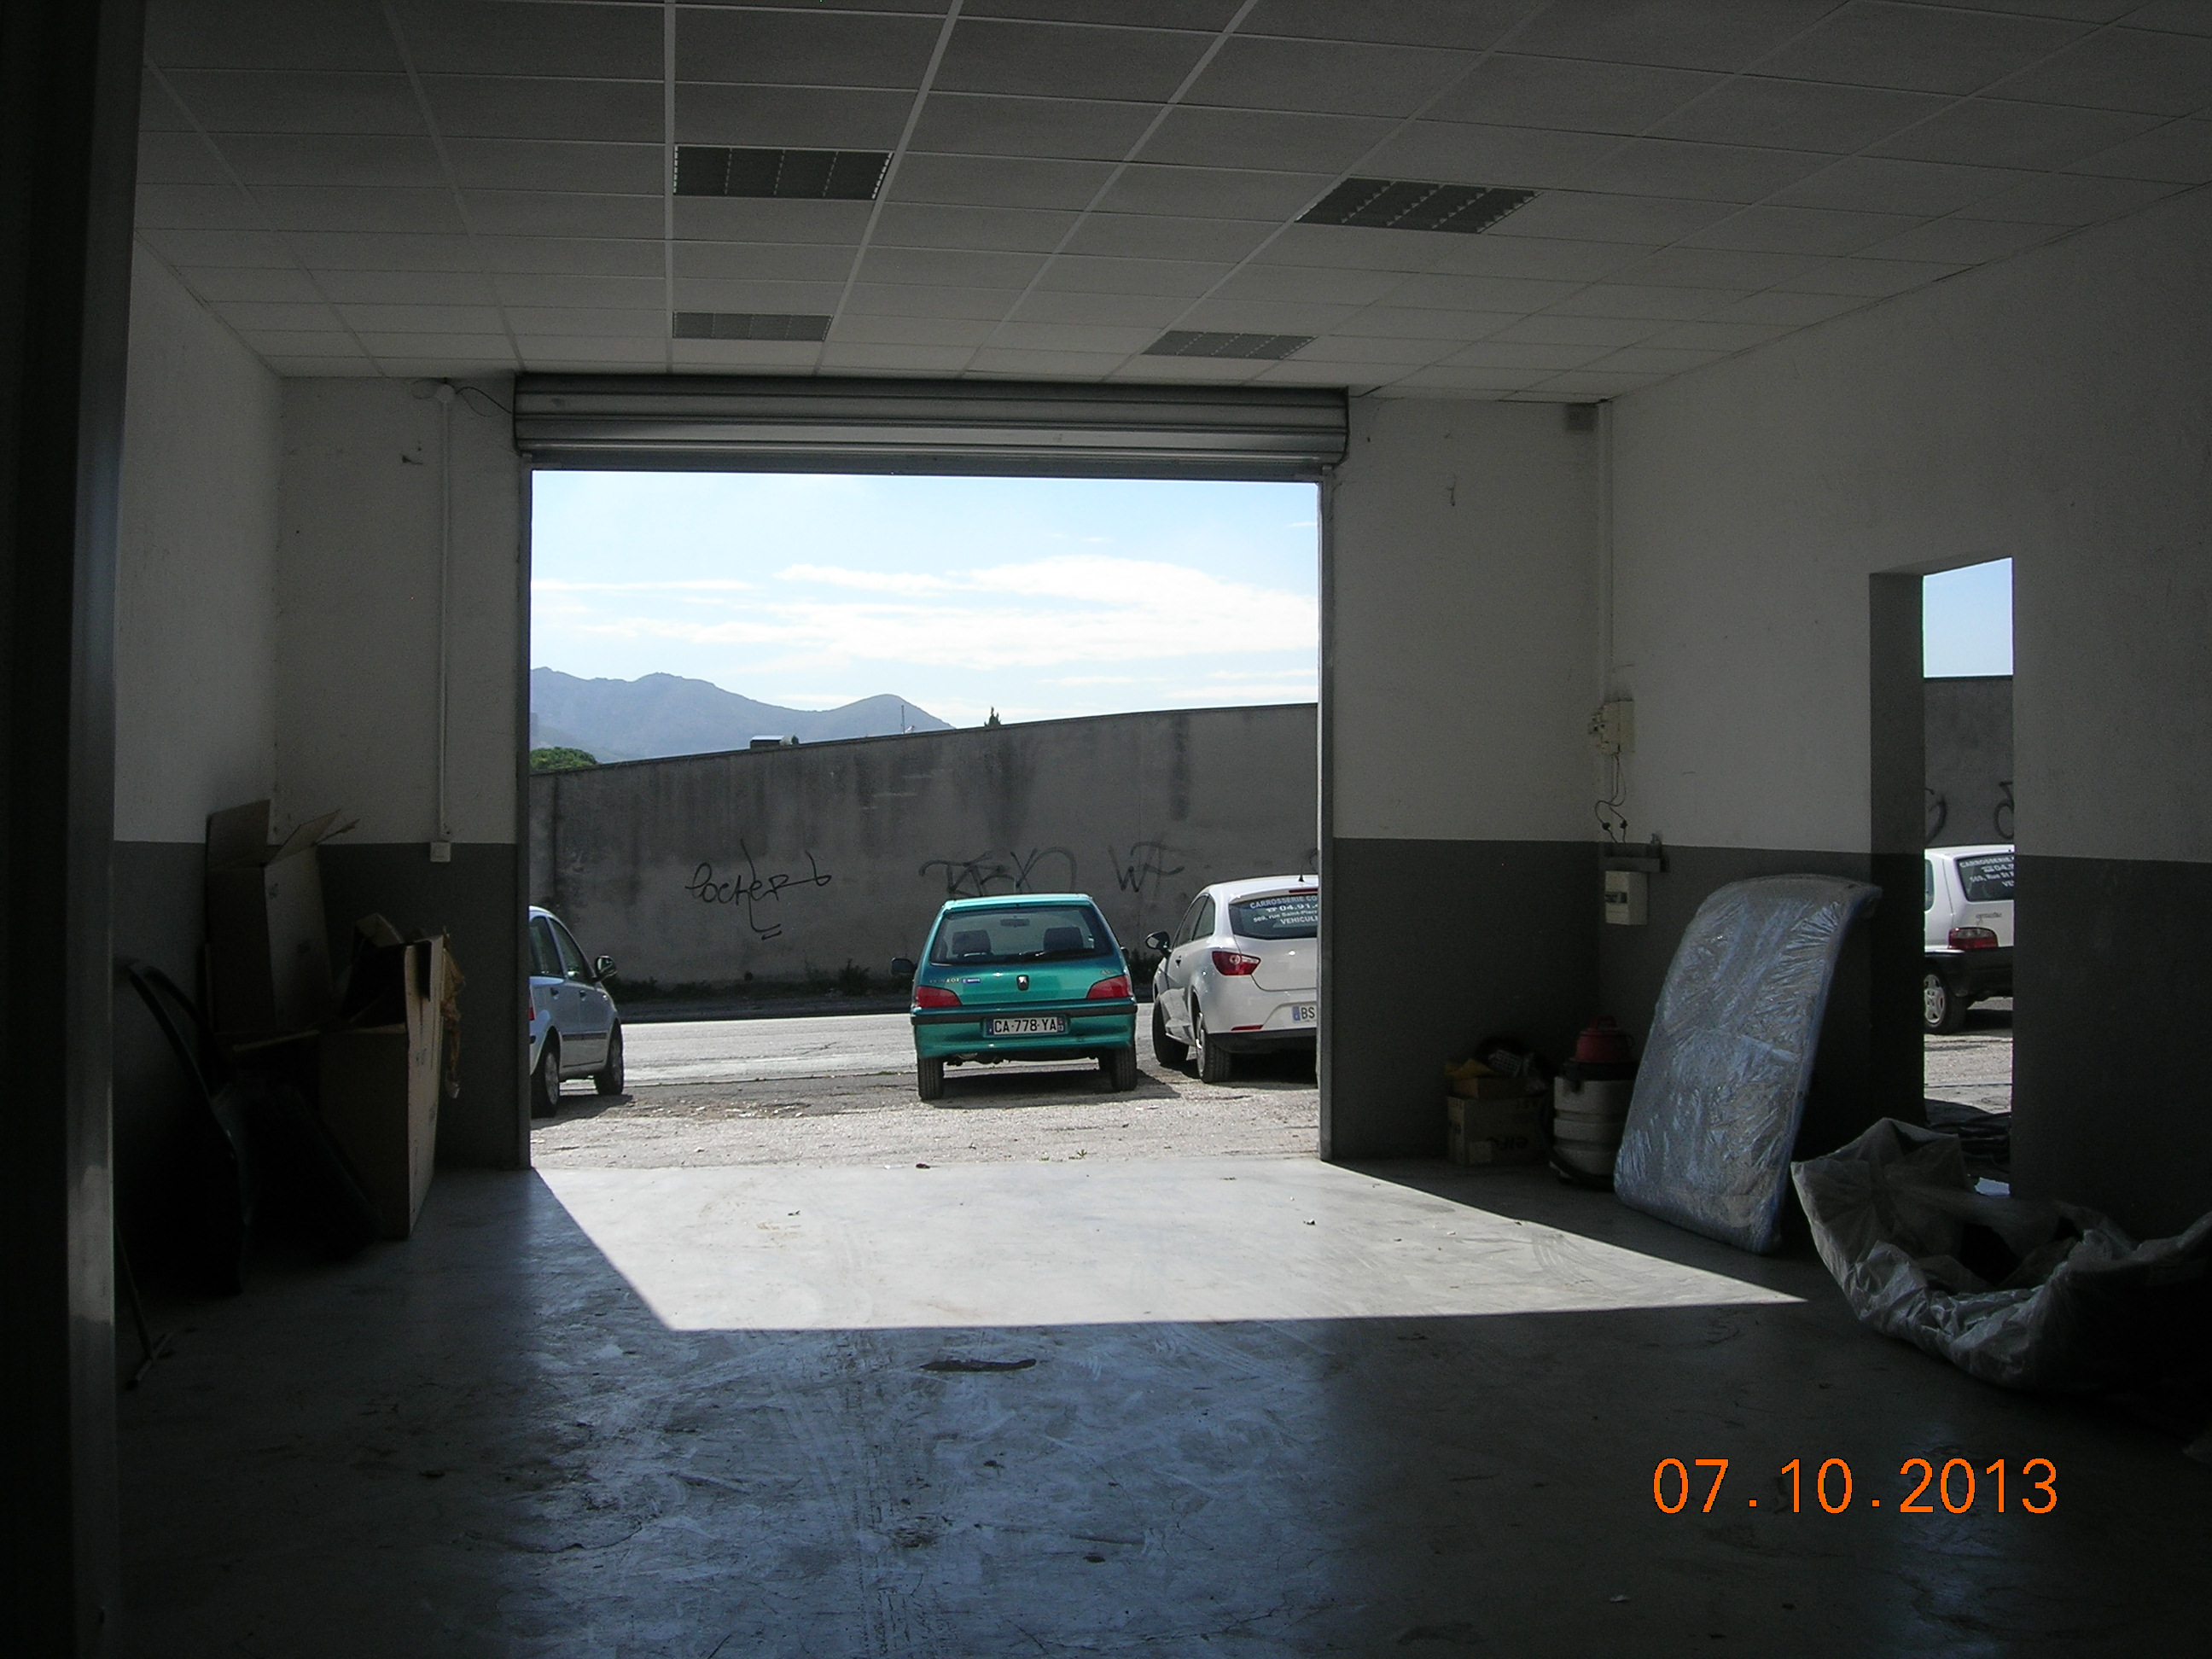 Vente local commercial marseille saint pierre 80m2 d - Garage mecanique marseille ...